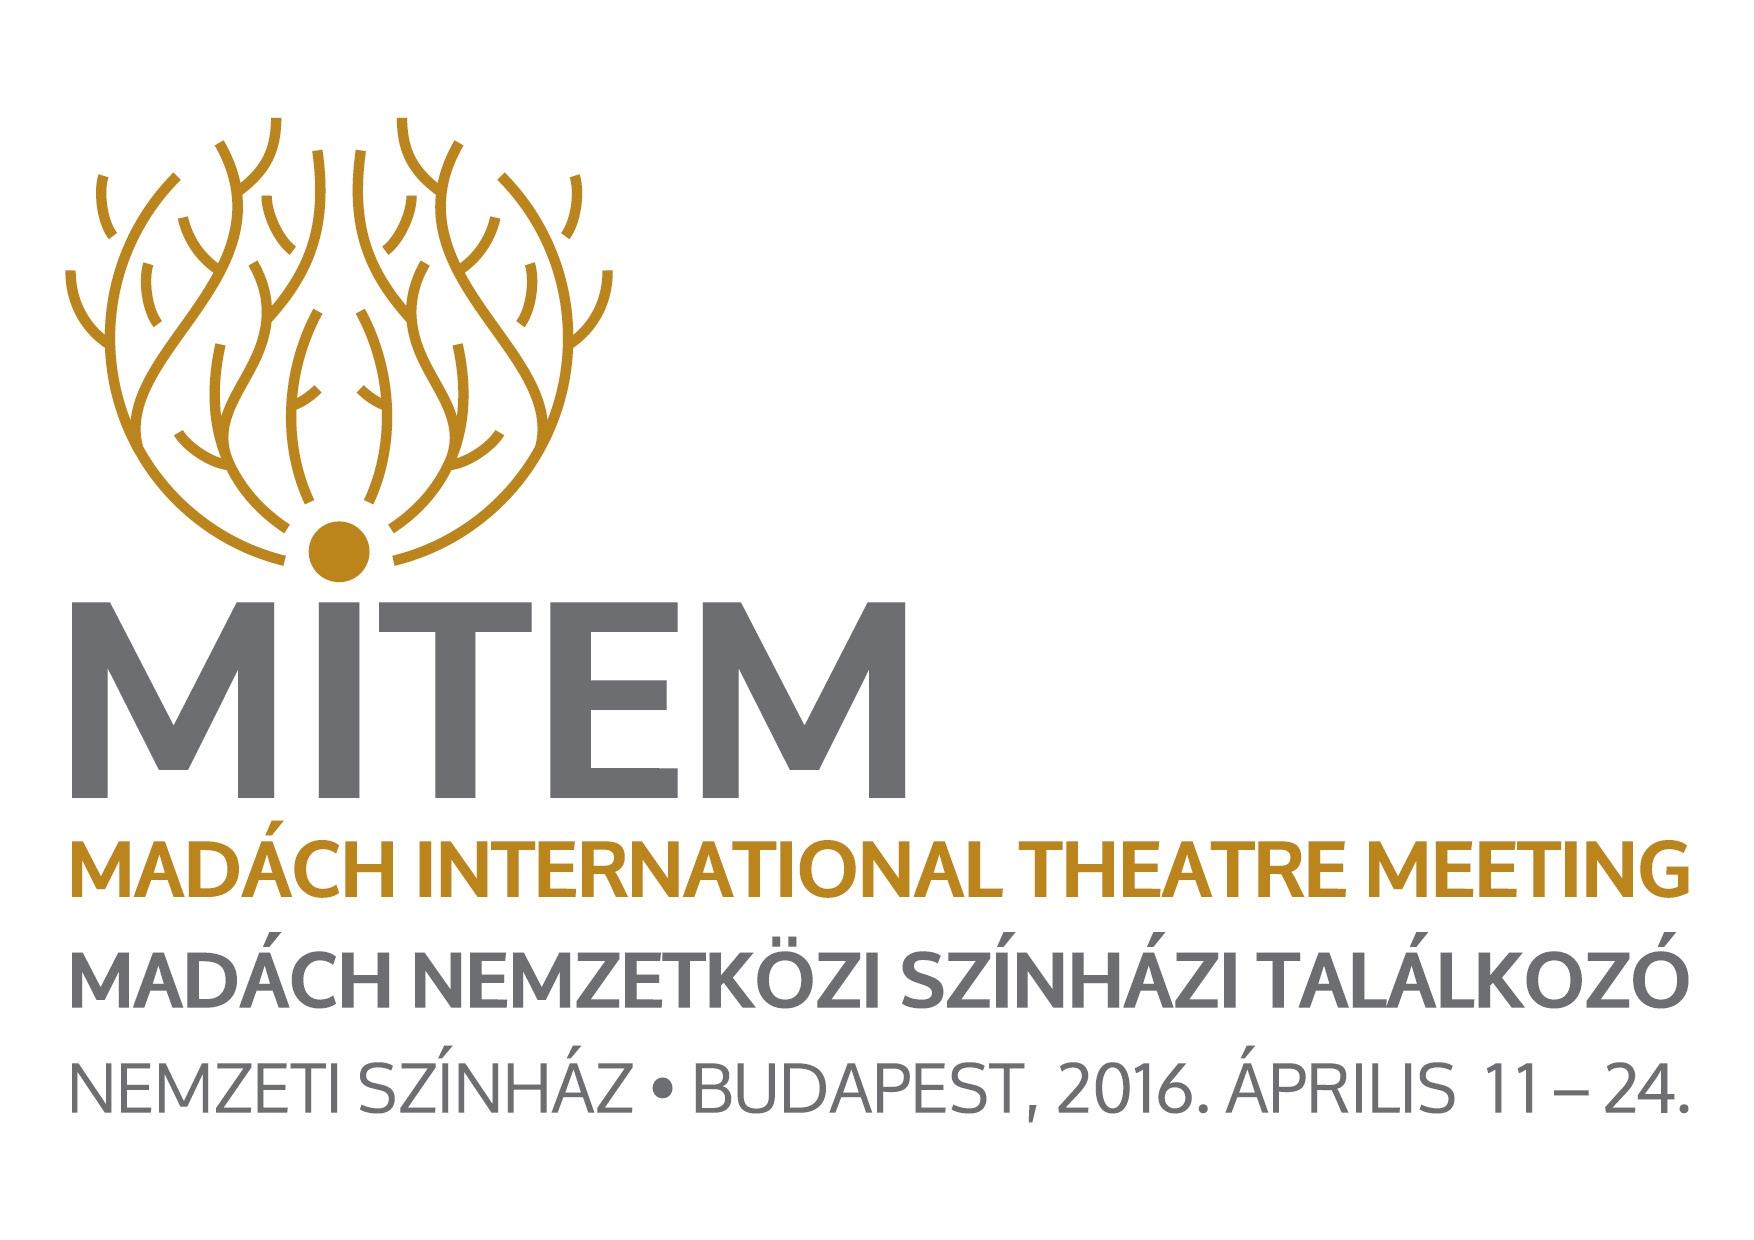 mitem_logo.JPG